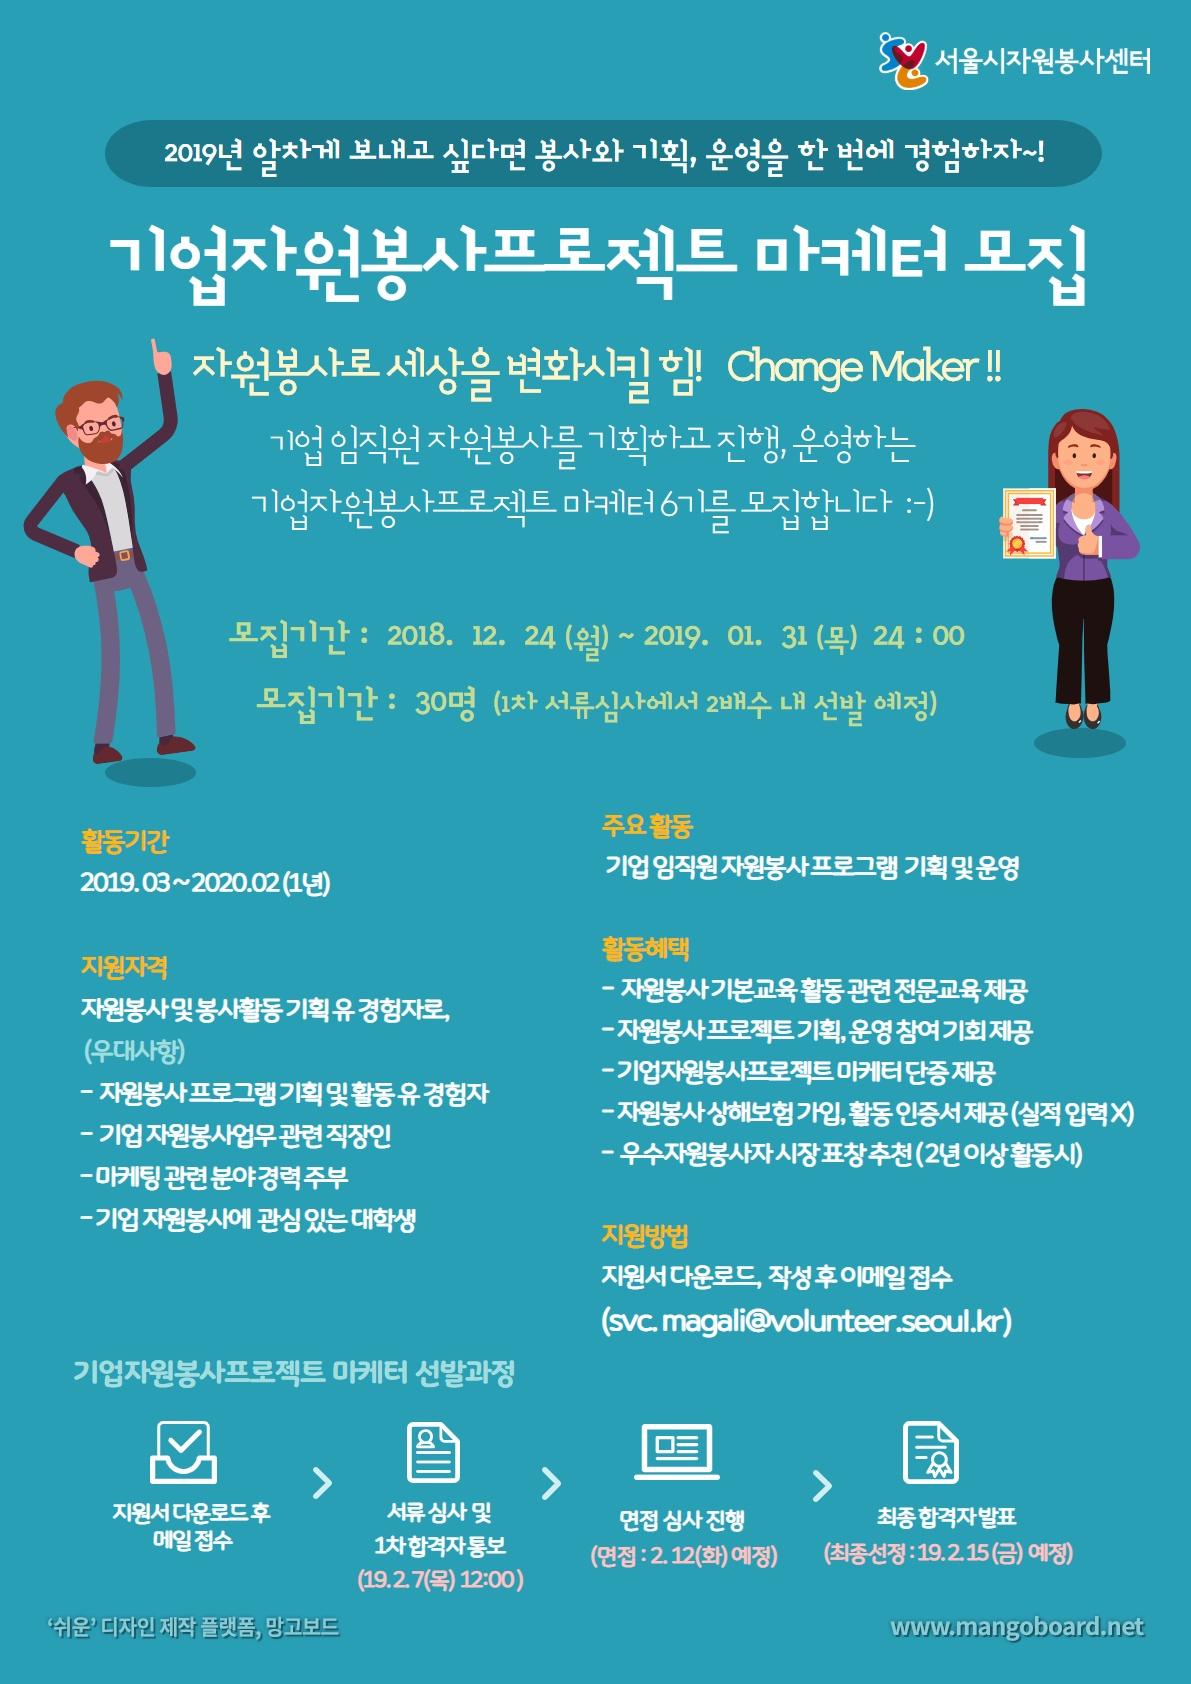 서울시자원봉사센터, 기업 공익적 가치 실현 촉진 '자원봉사 마케터' 모집 자세한 내용은 포스트 내용 참조